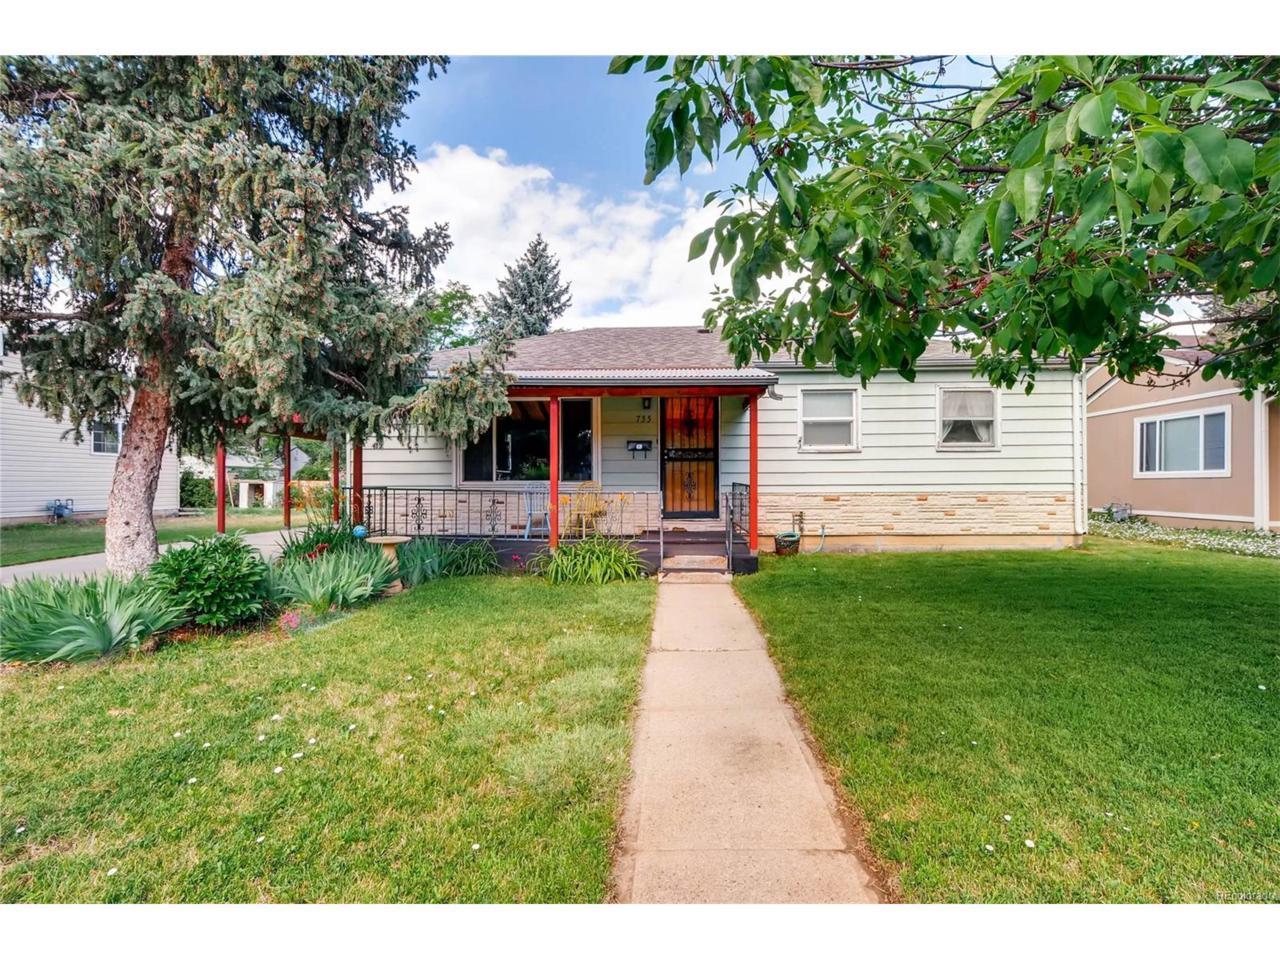 735 Ironton Street, Aurora, CO 80010 (MLS #6012077) :: 8z Real Estate